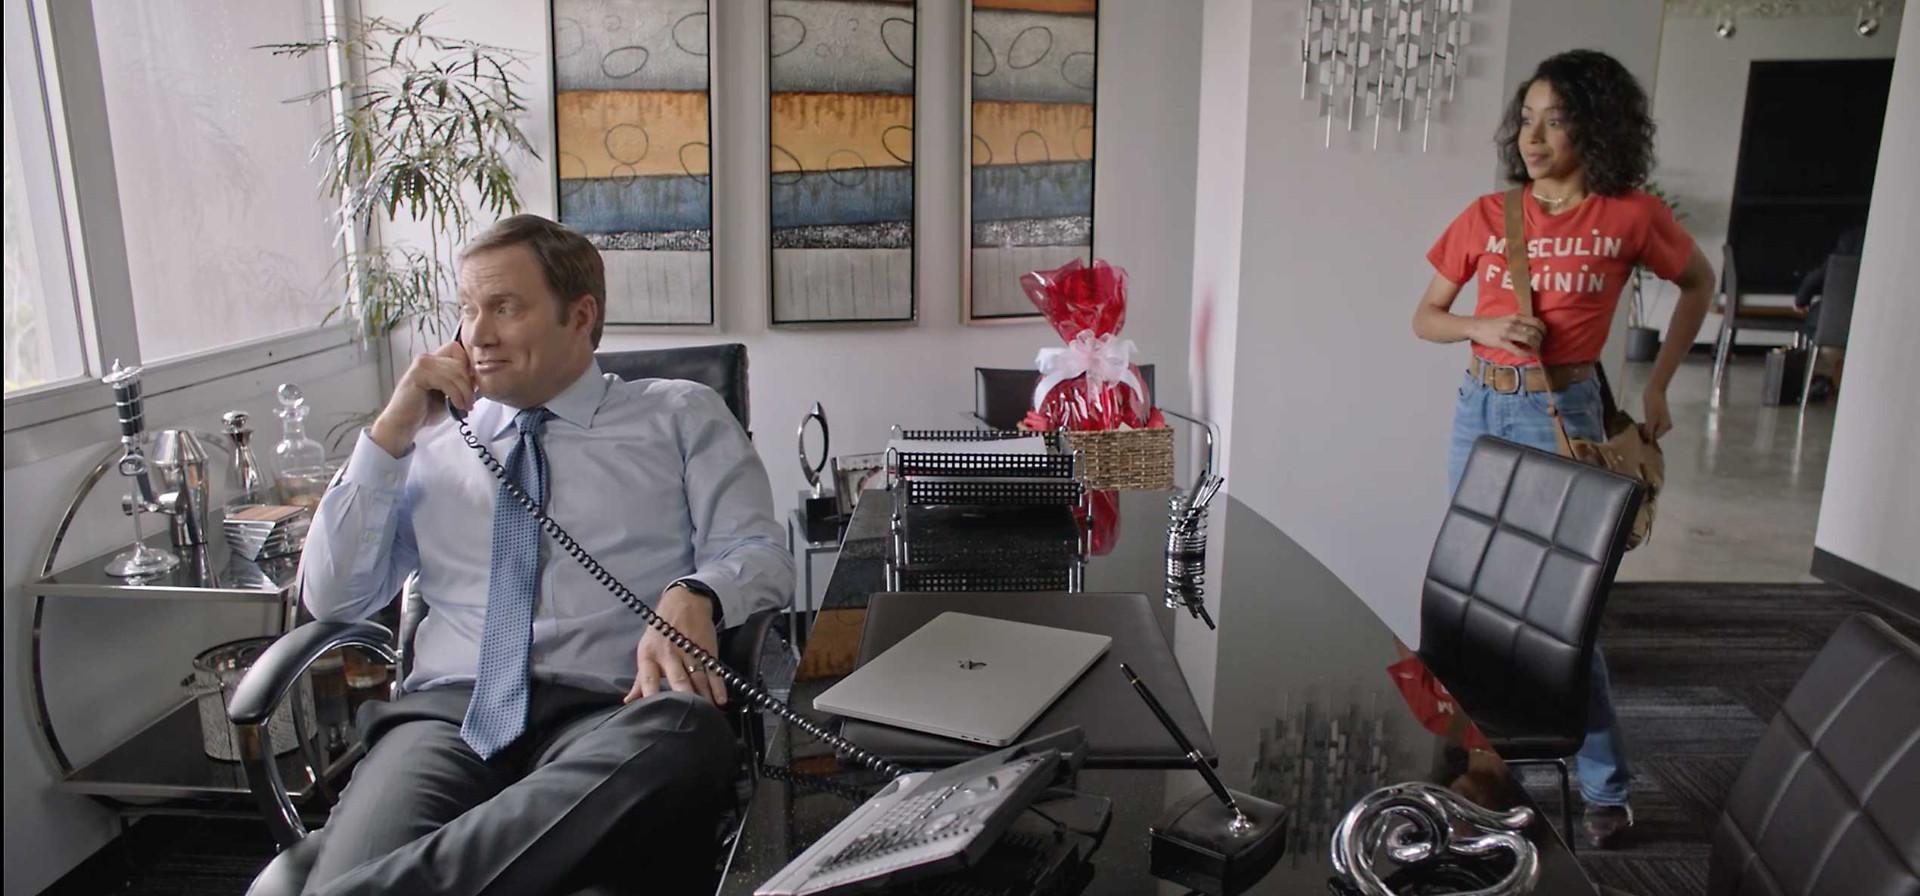 Todd-office.jpg